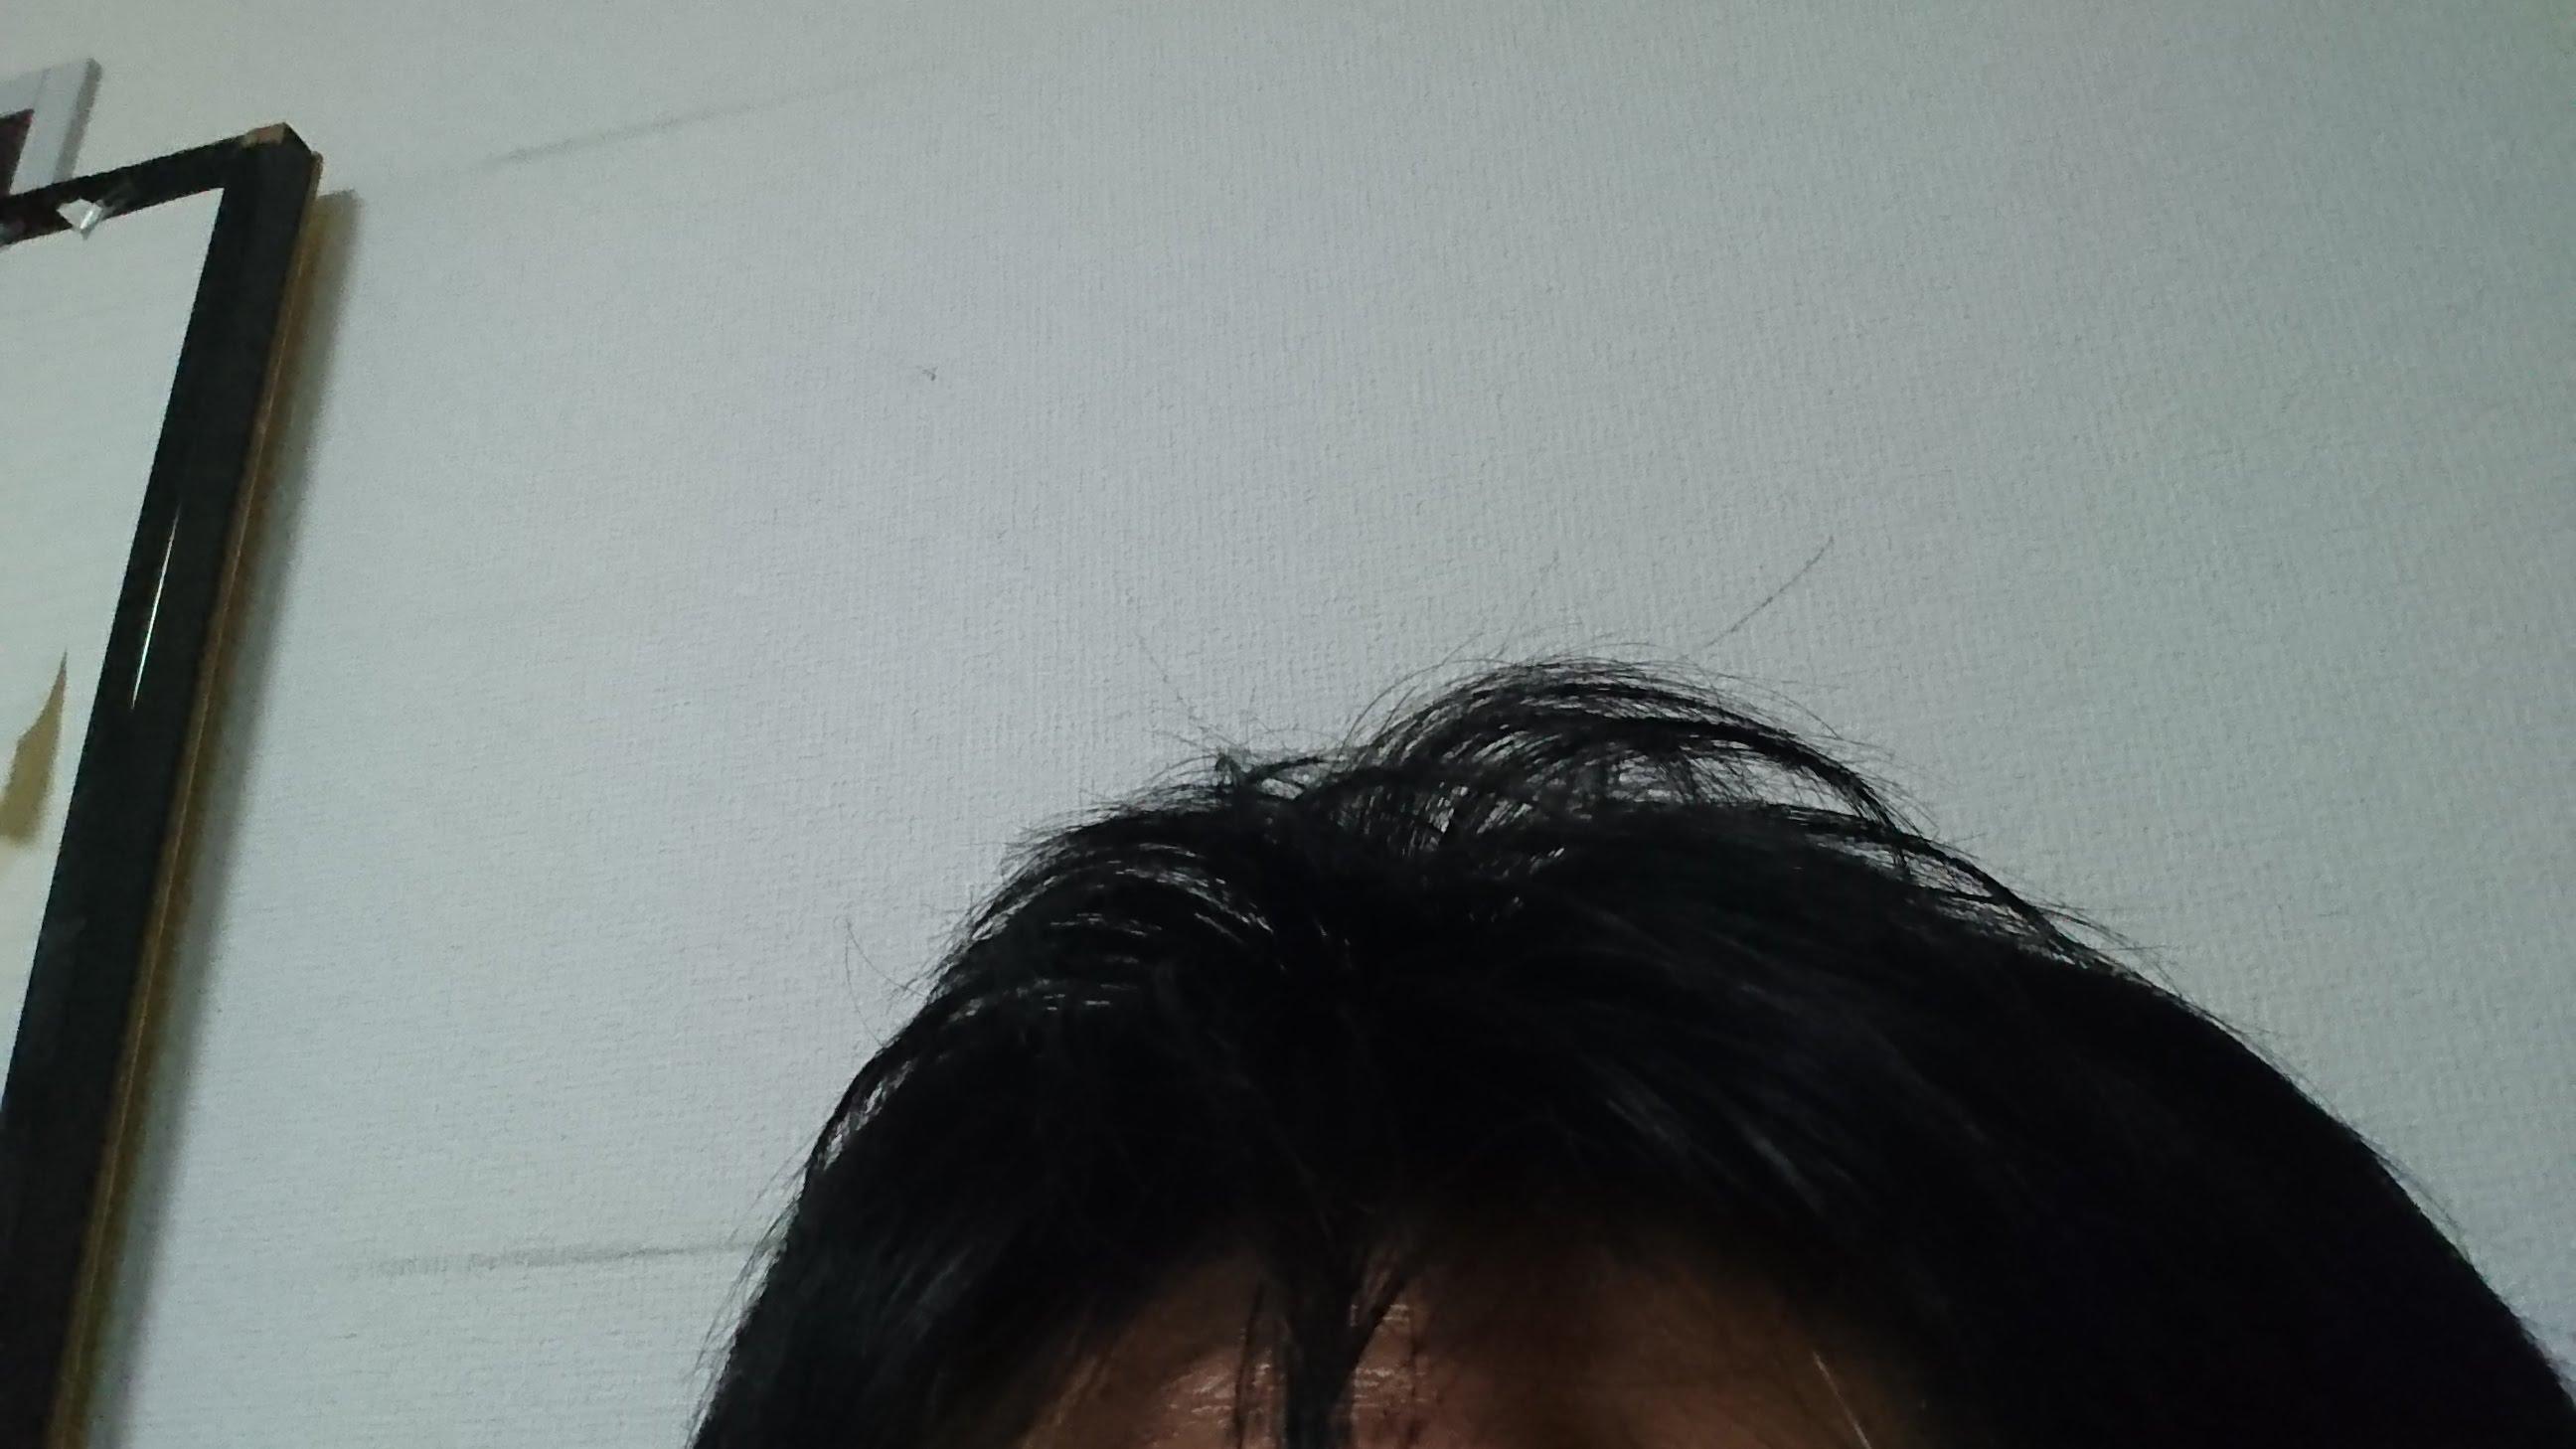 ようやく前髪に白髪が目立ち始めました。